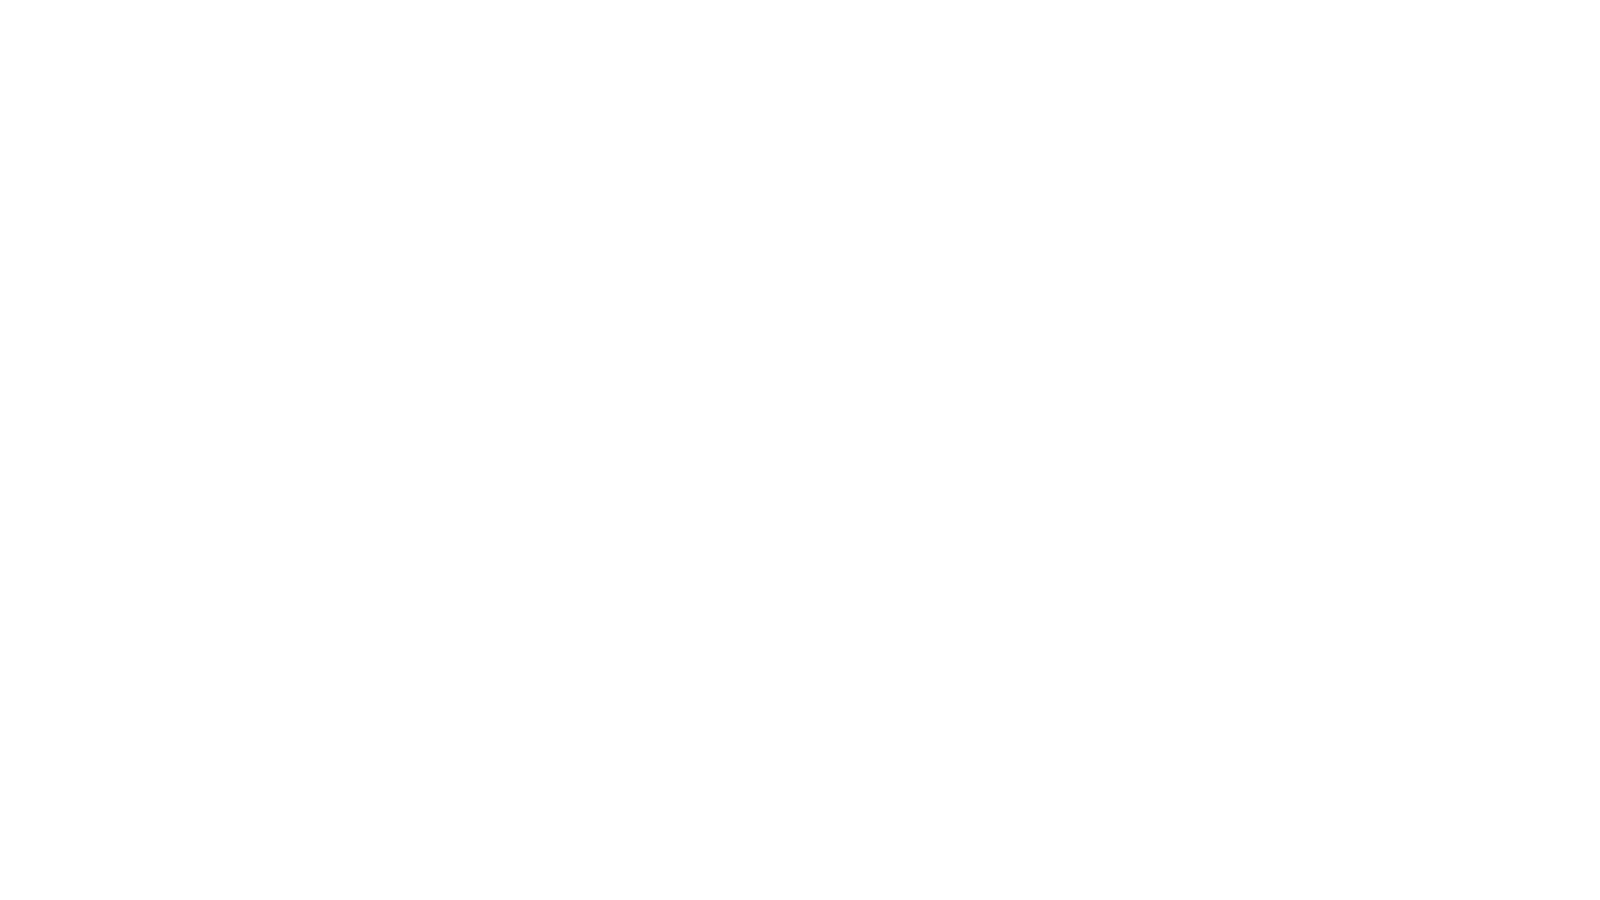 子どもの歯はどこが虫歯になりやすいの?  【ナチュラルスマイル西宮北口歯科】 兵庫県最大級 年中無休で診療中 阪急西宮北口駅から2分 公式HP https://naturalsmile.jp/ 公式インスタグラム https://www.instagram.com/naturalsmile_nishinomiya/